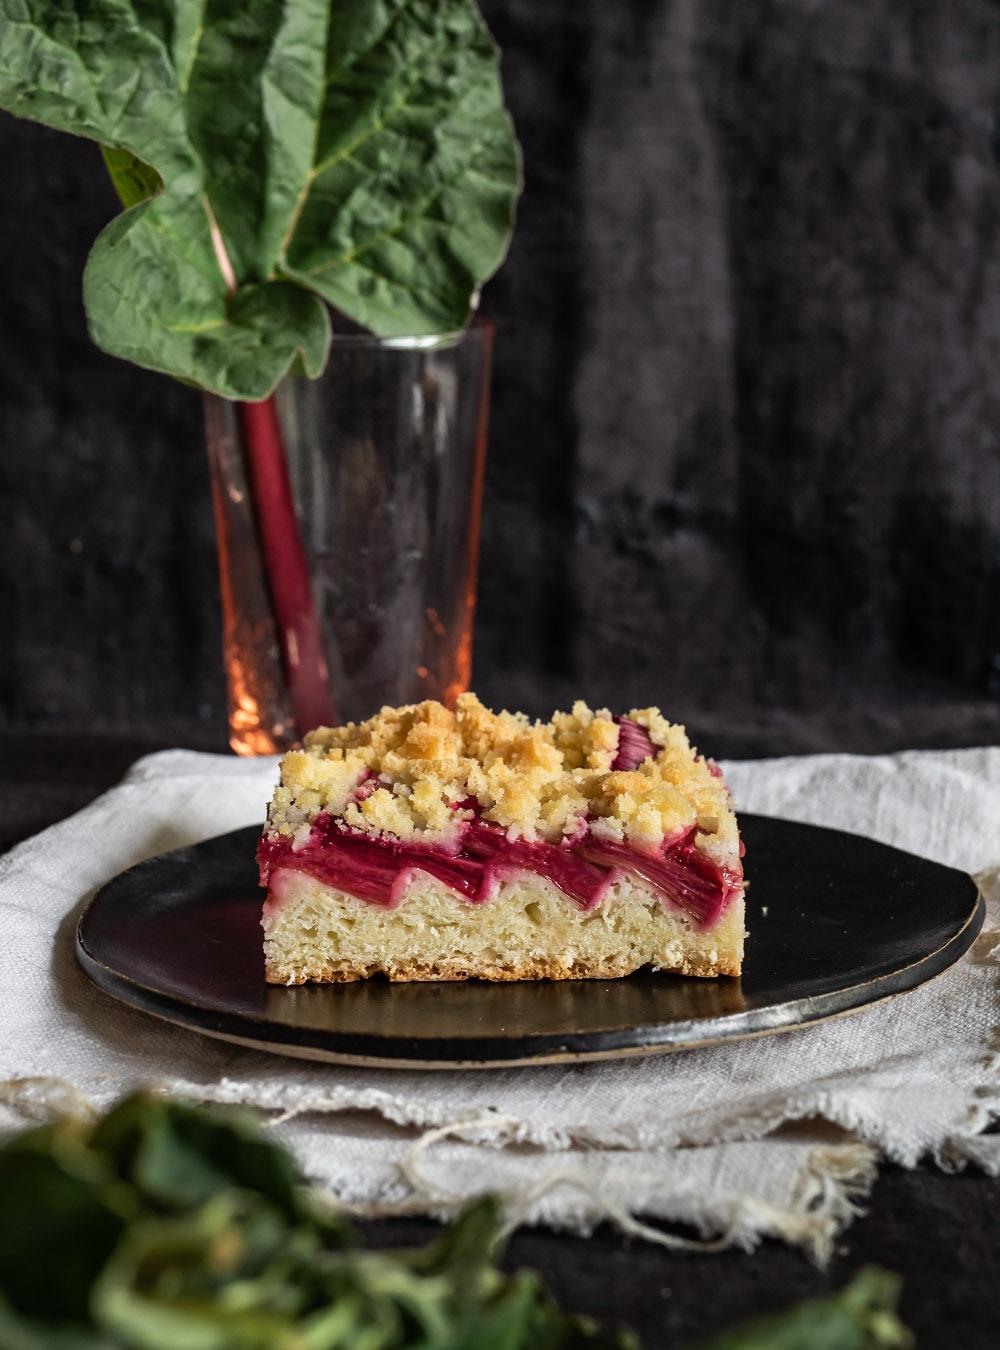 Super saftiger Rhabarberkuchen vom Blech mit Zwillingsteig dem idealen Teig für Obstkuchen